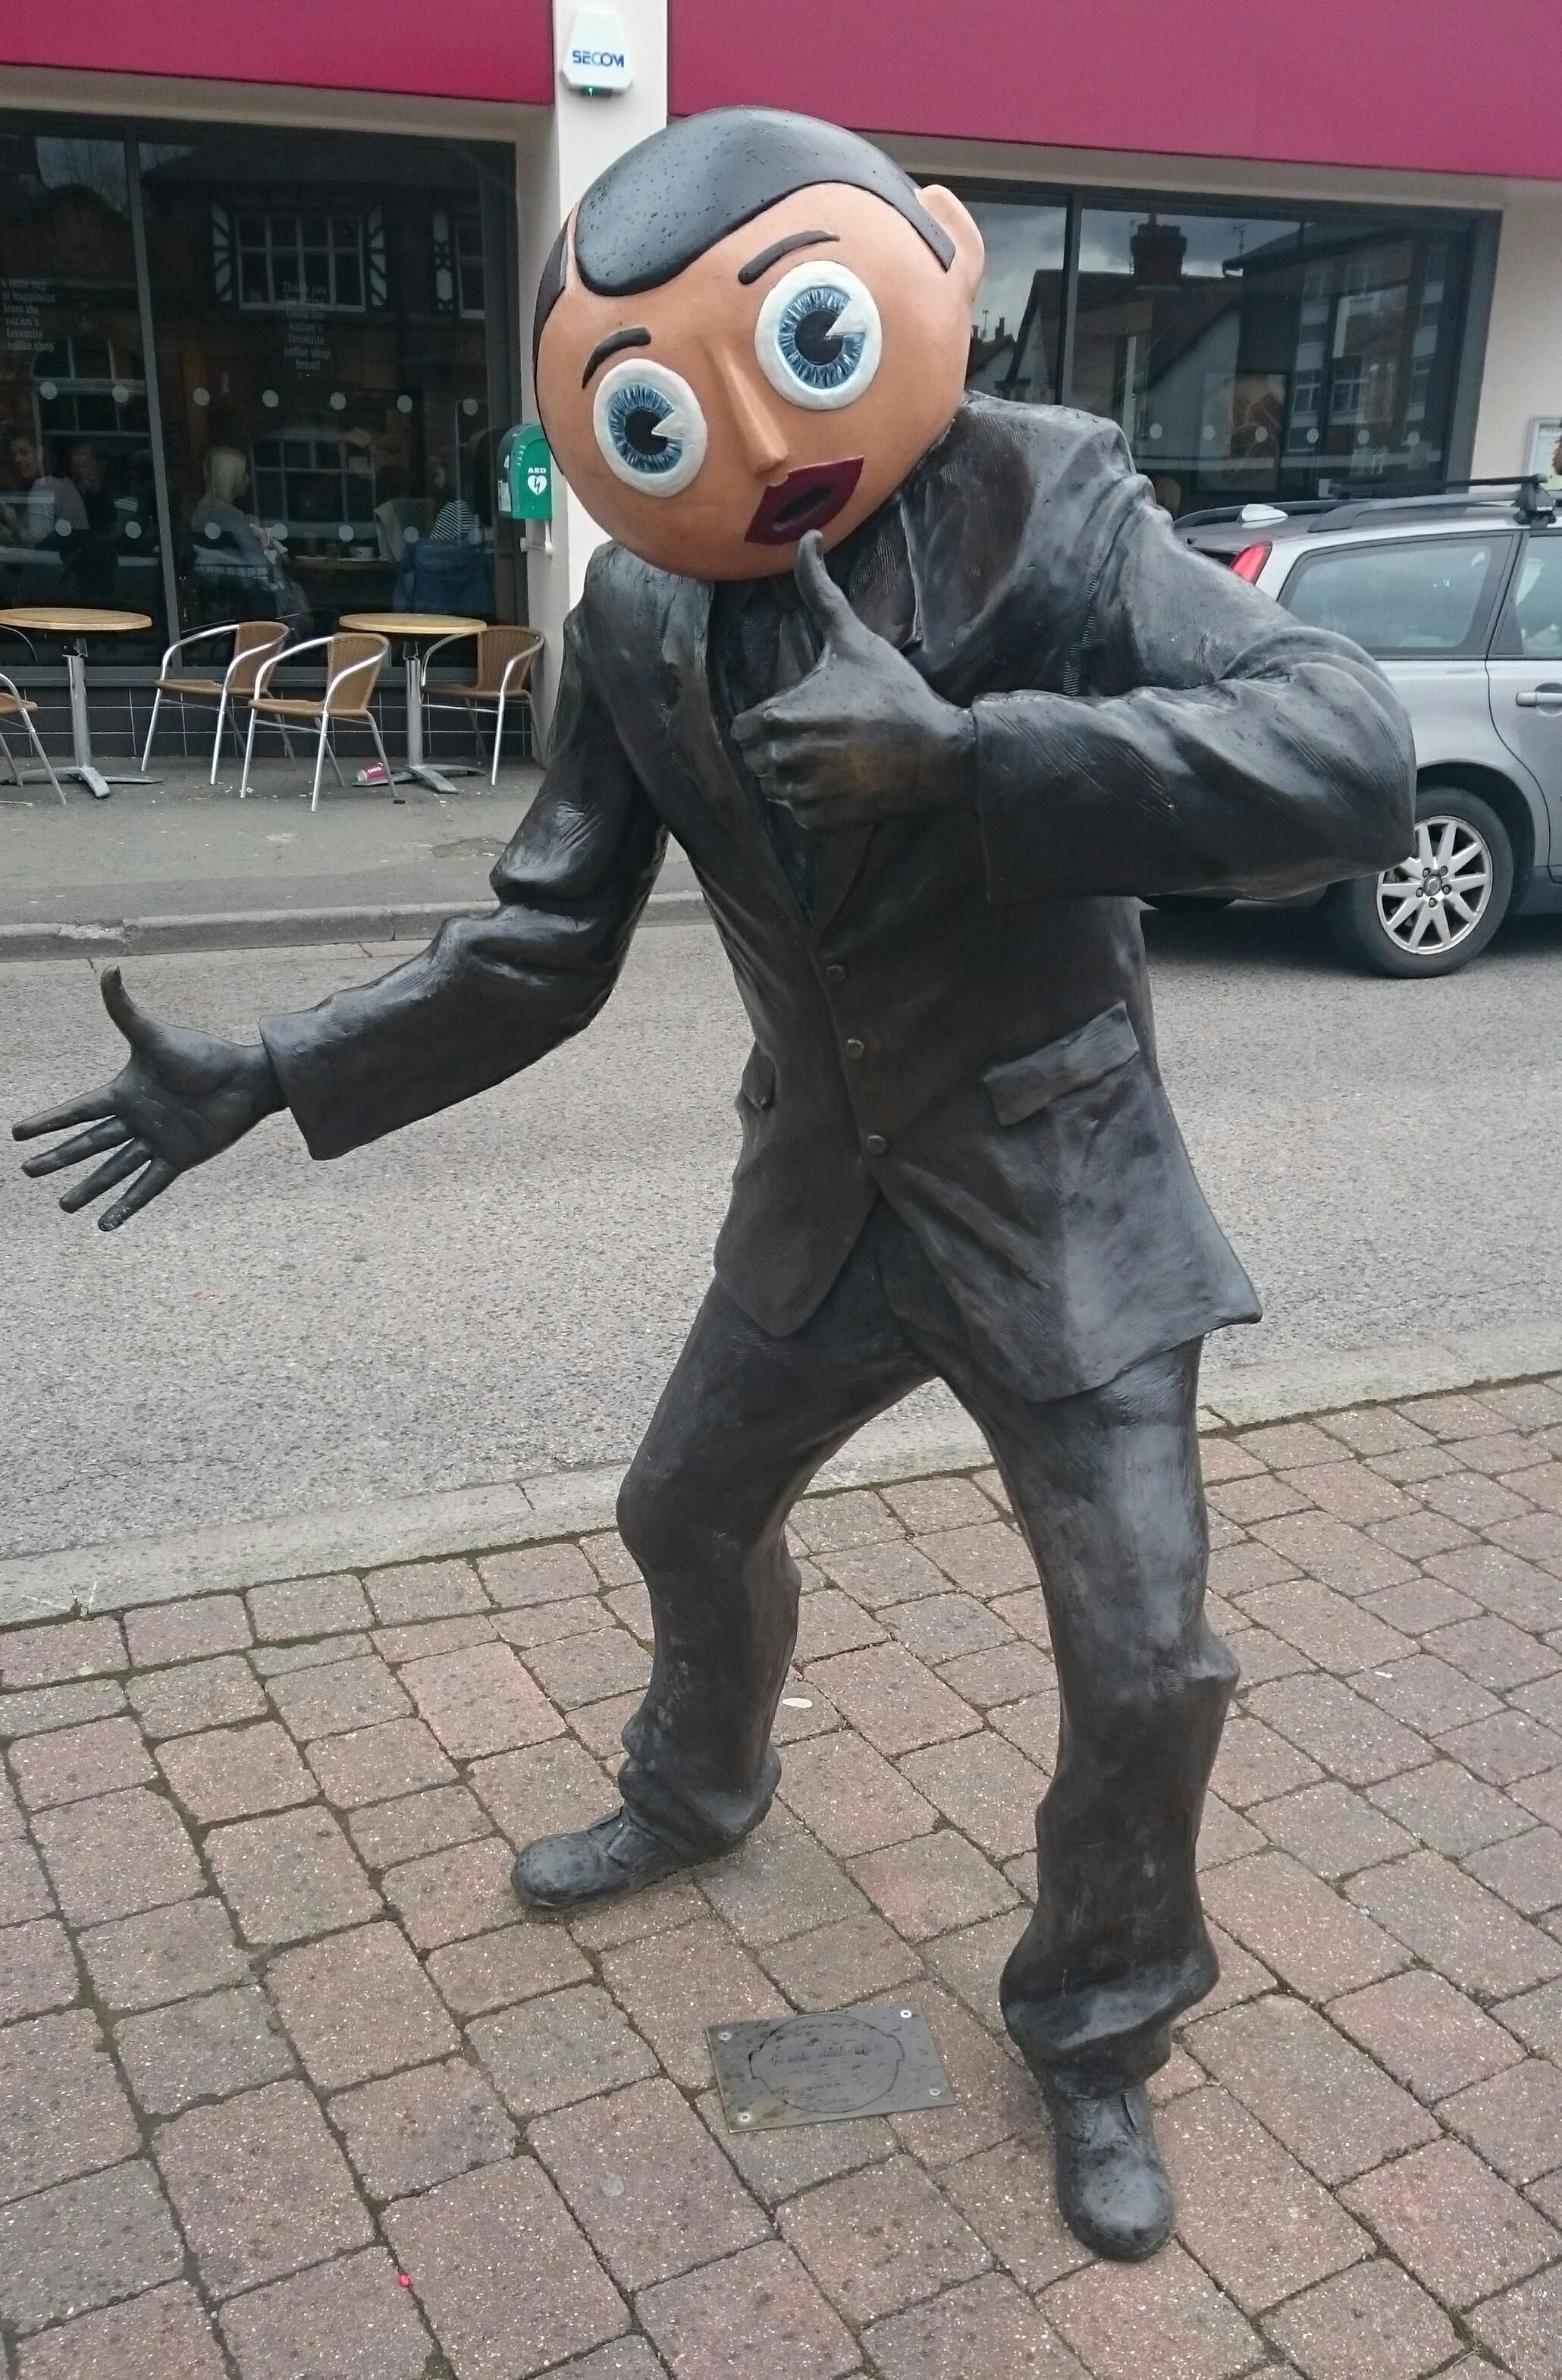 Image result for frank sidebottom statue